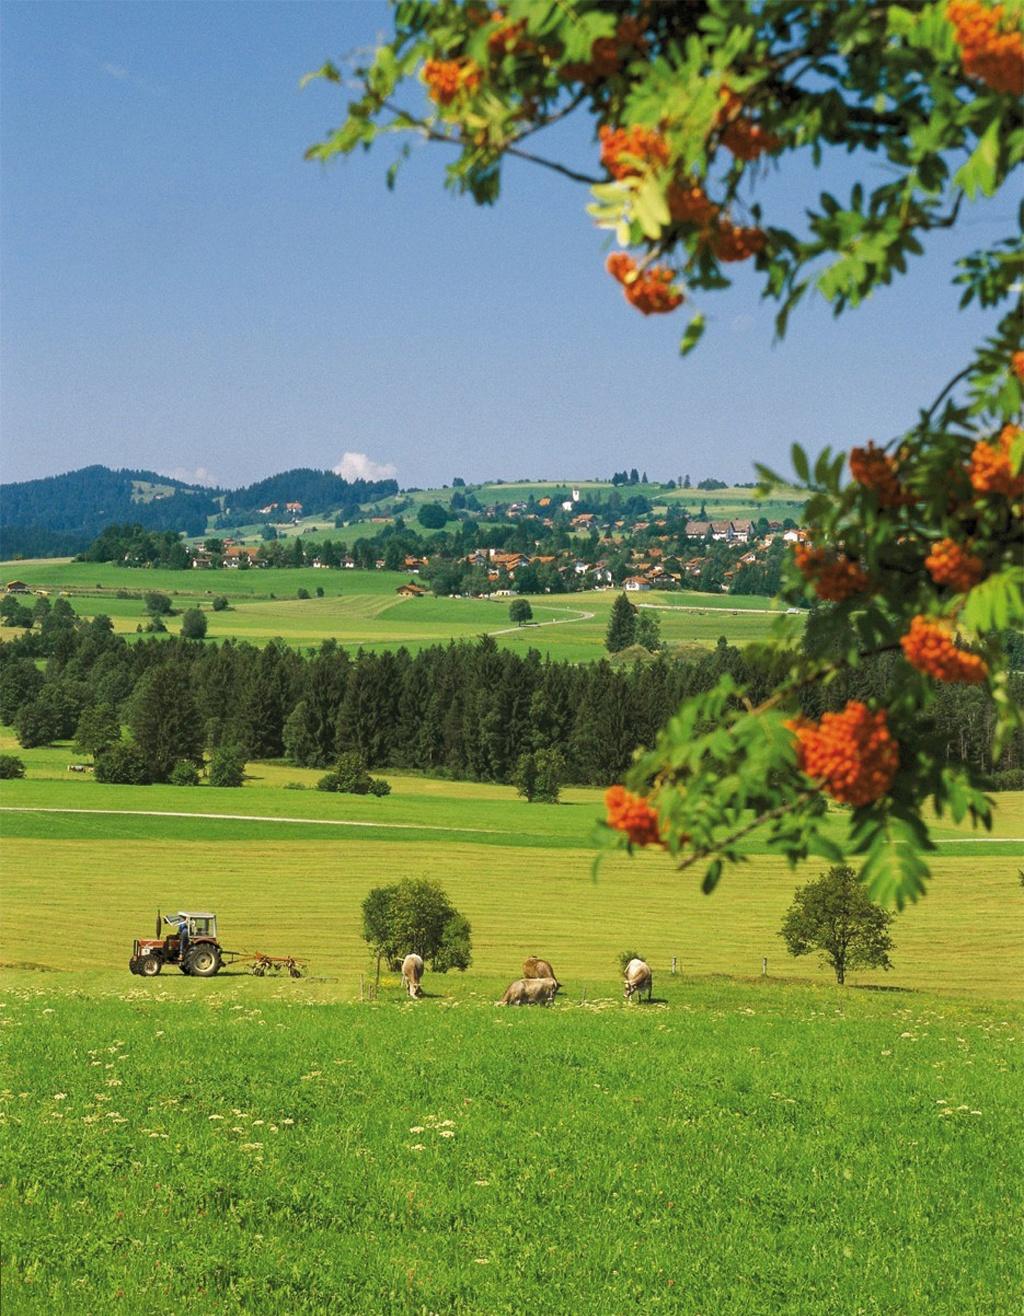 Unser Blick schweift über die wunderschöne Landschaft.  - @ Autor: Gemeinde Oy-Mittelberg  - © Quelle: Outdooractive Redaktion